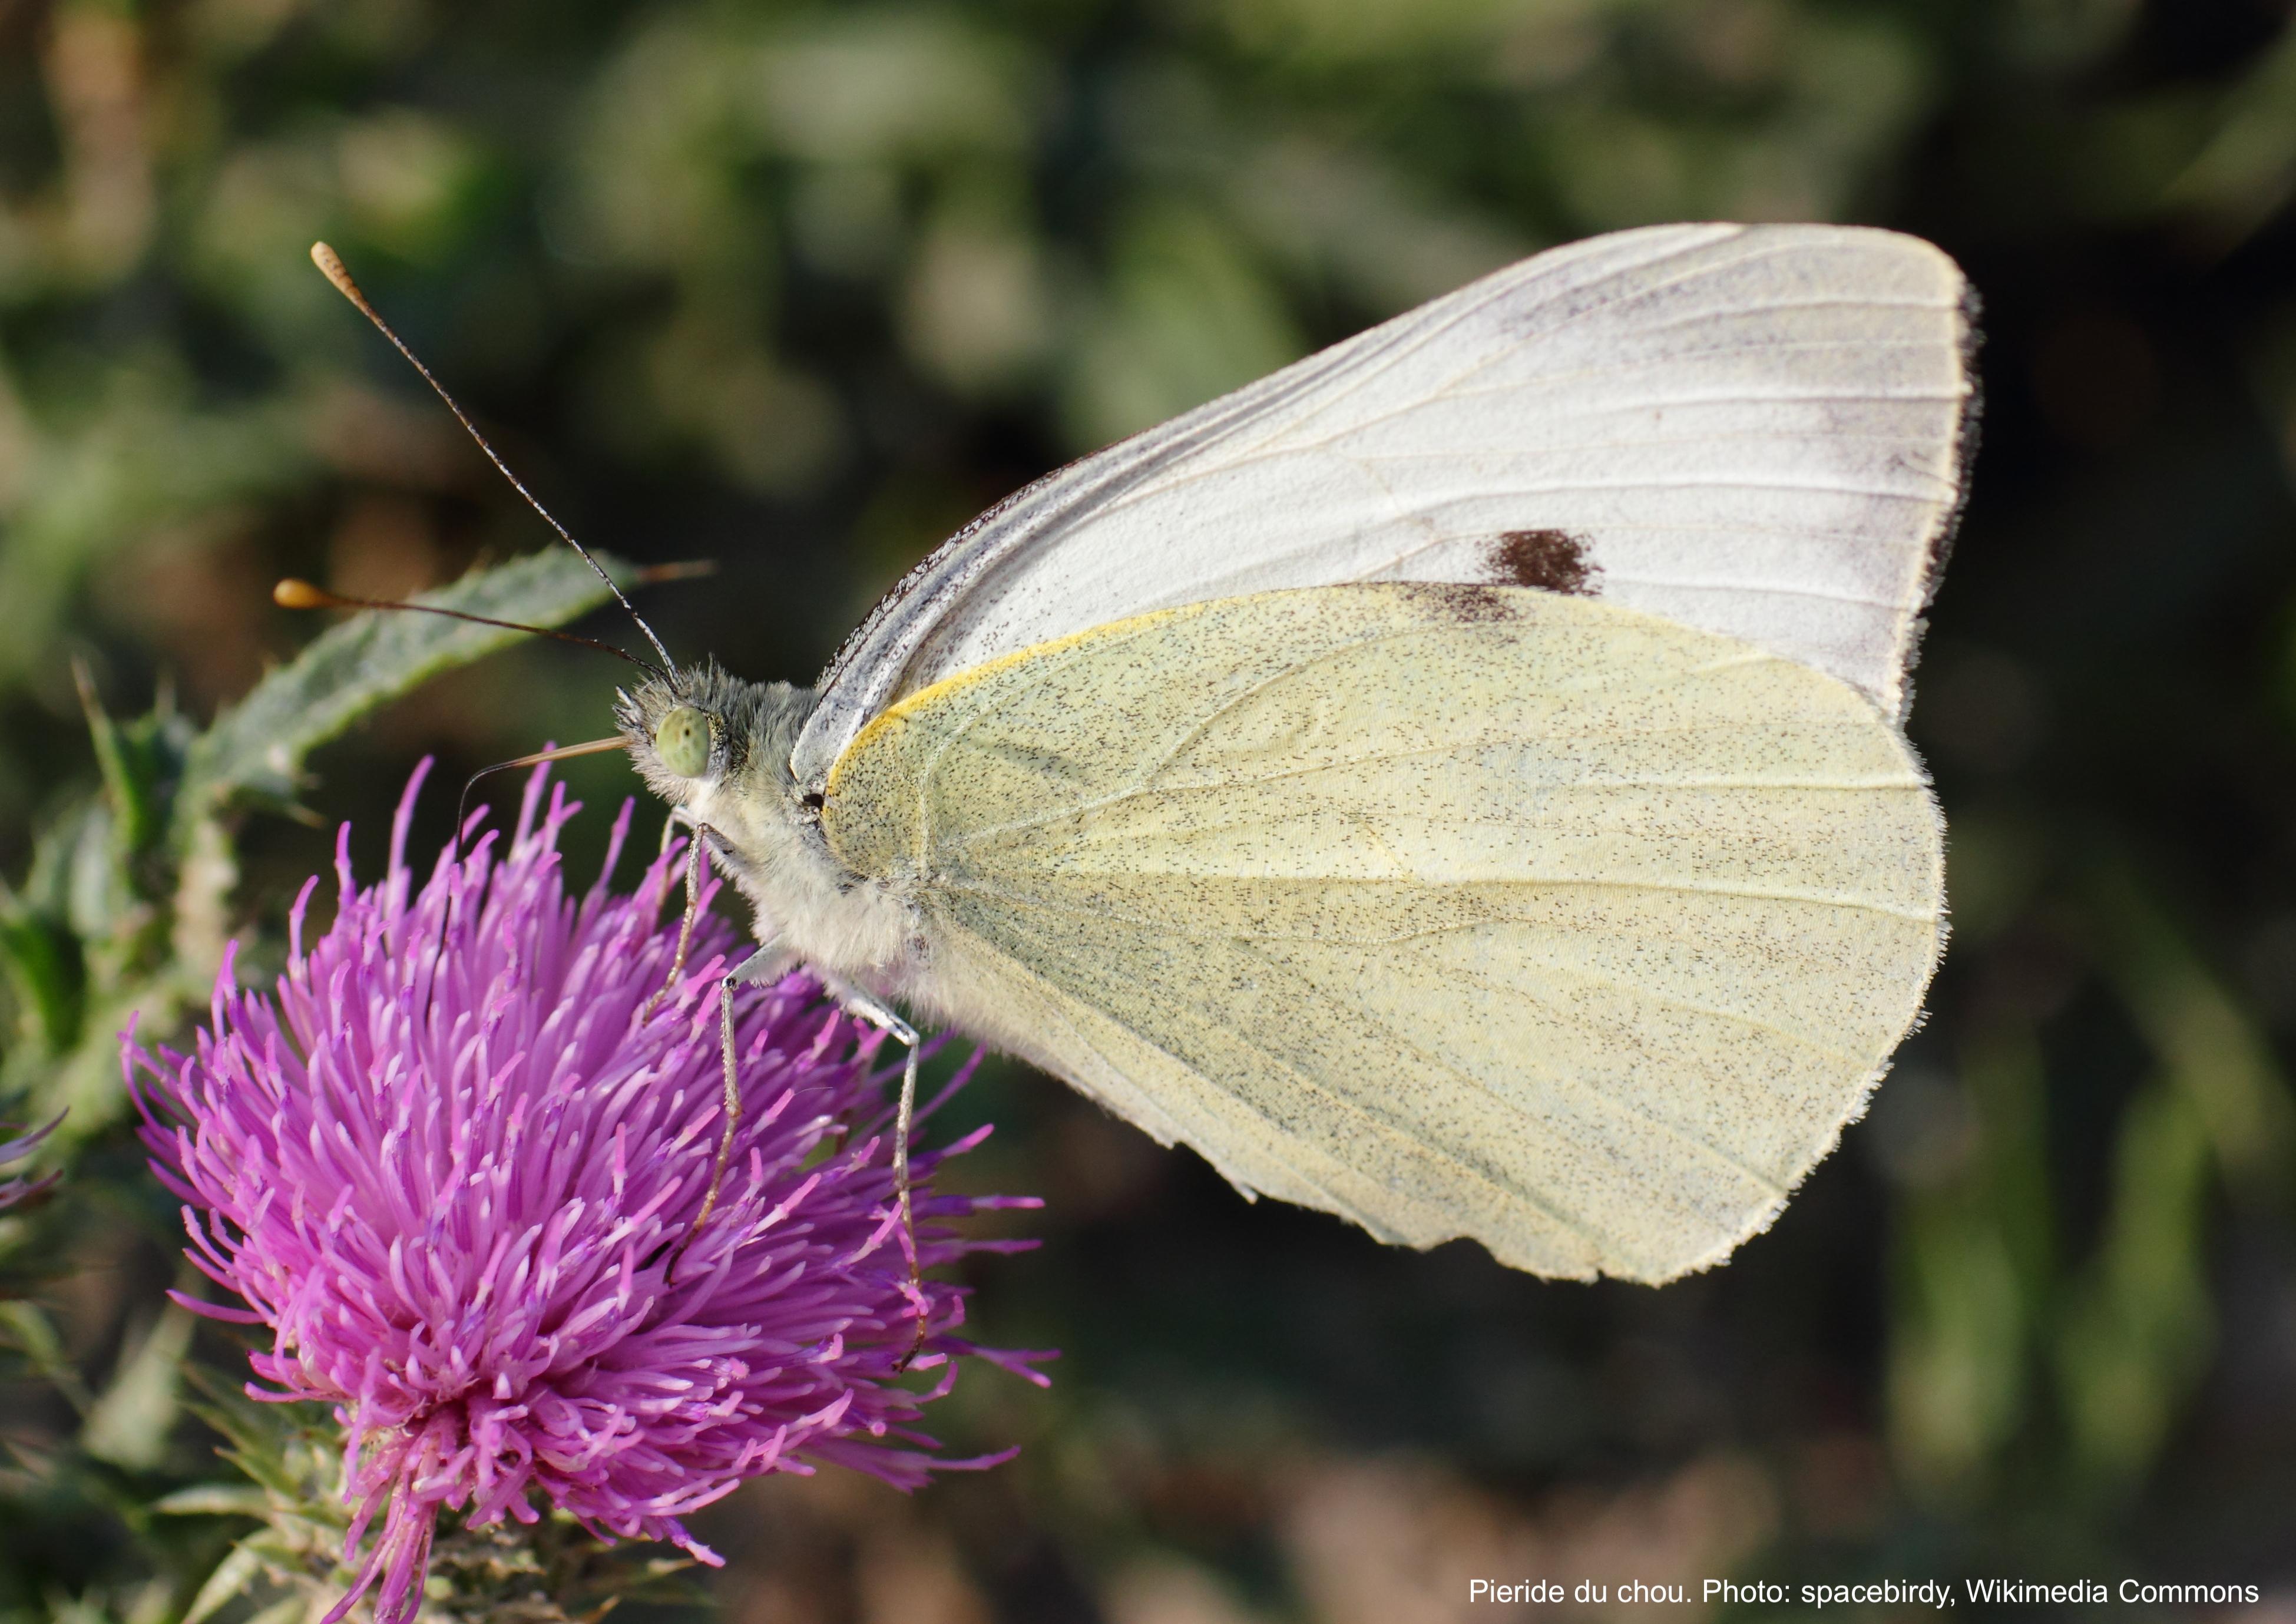 Pieride du chou (papillon blanc) sur une fleur.